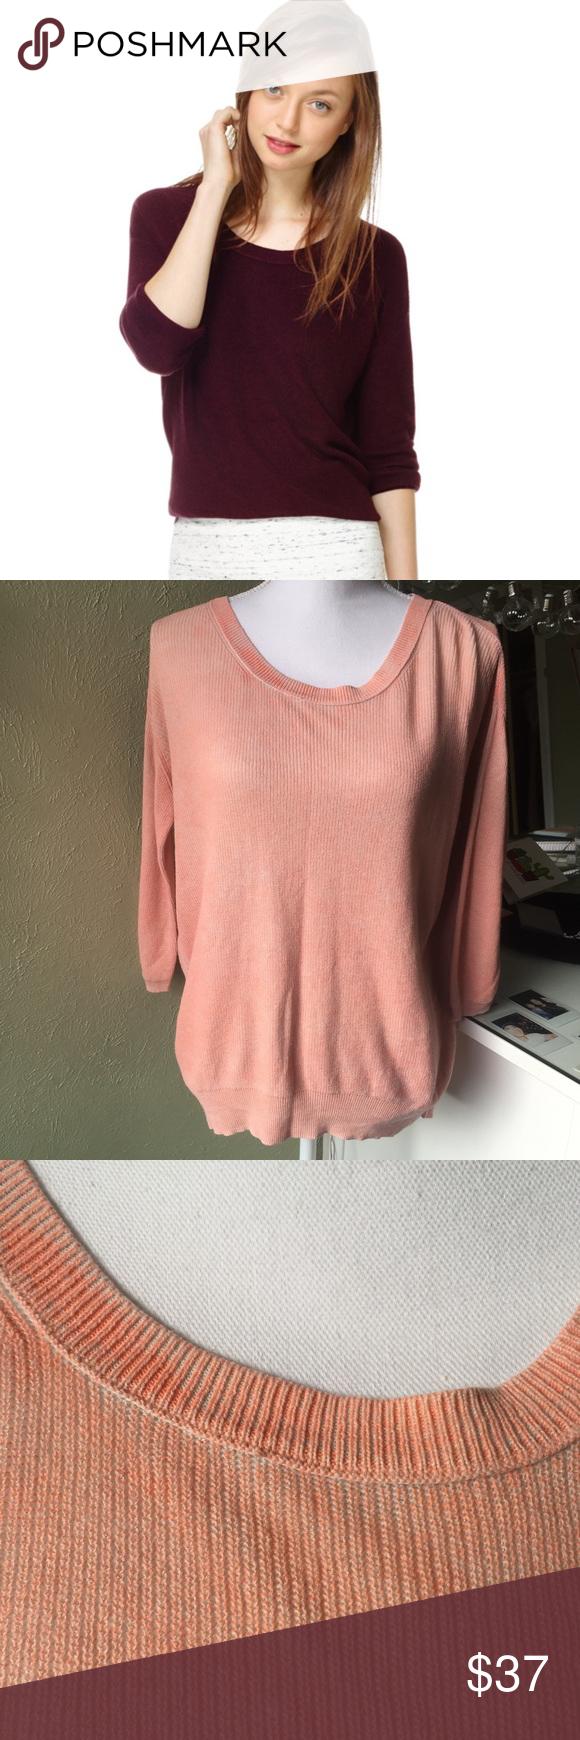 f19506039a37d8 Aritzia Wilfred Balzac sweater